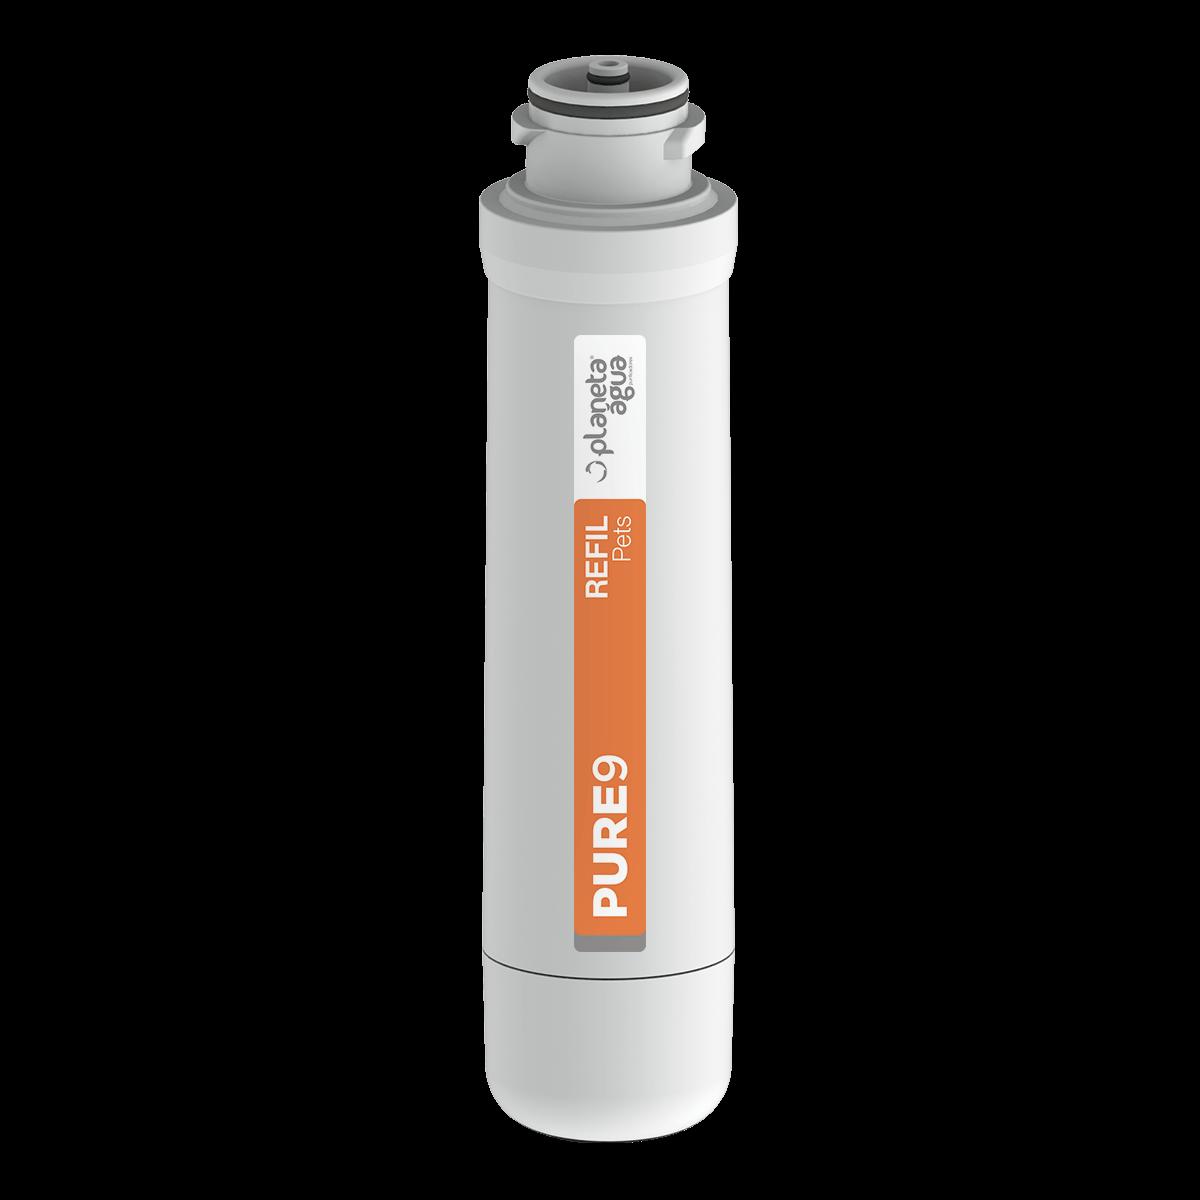 Refil Filtro Purificador De Água Planeta Água Pure9 Pet  - DOTEC SHOP